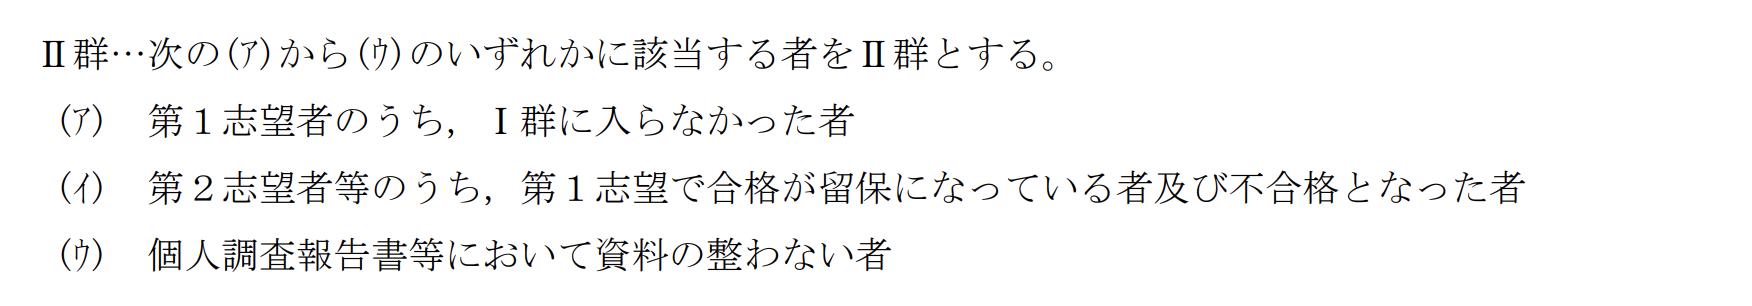 島根県公立高校入試制度5